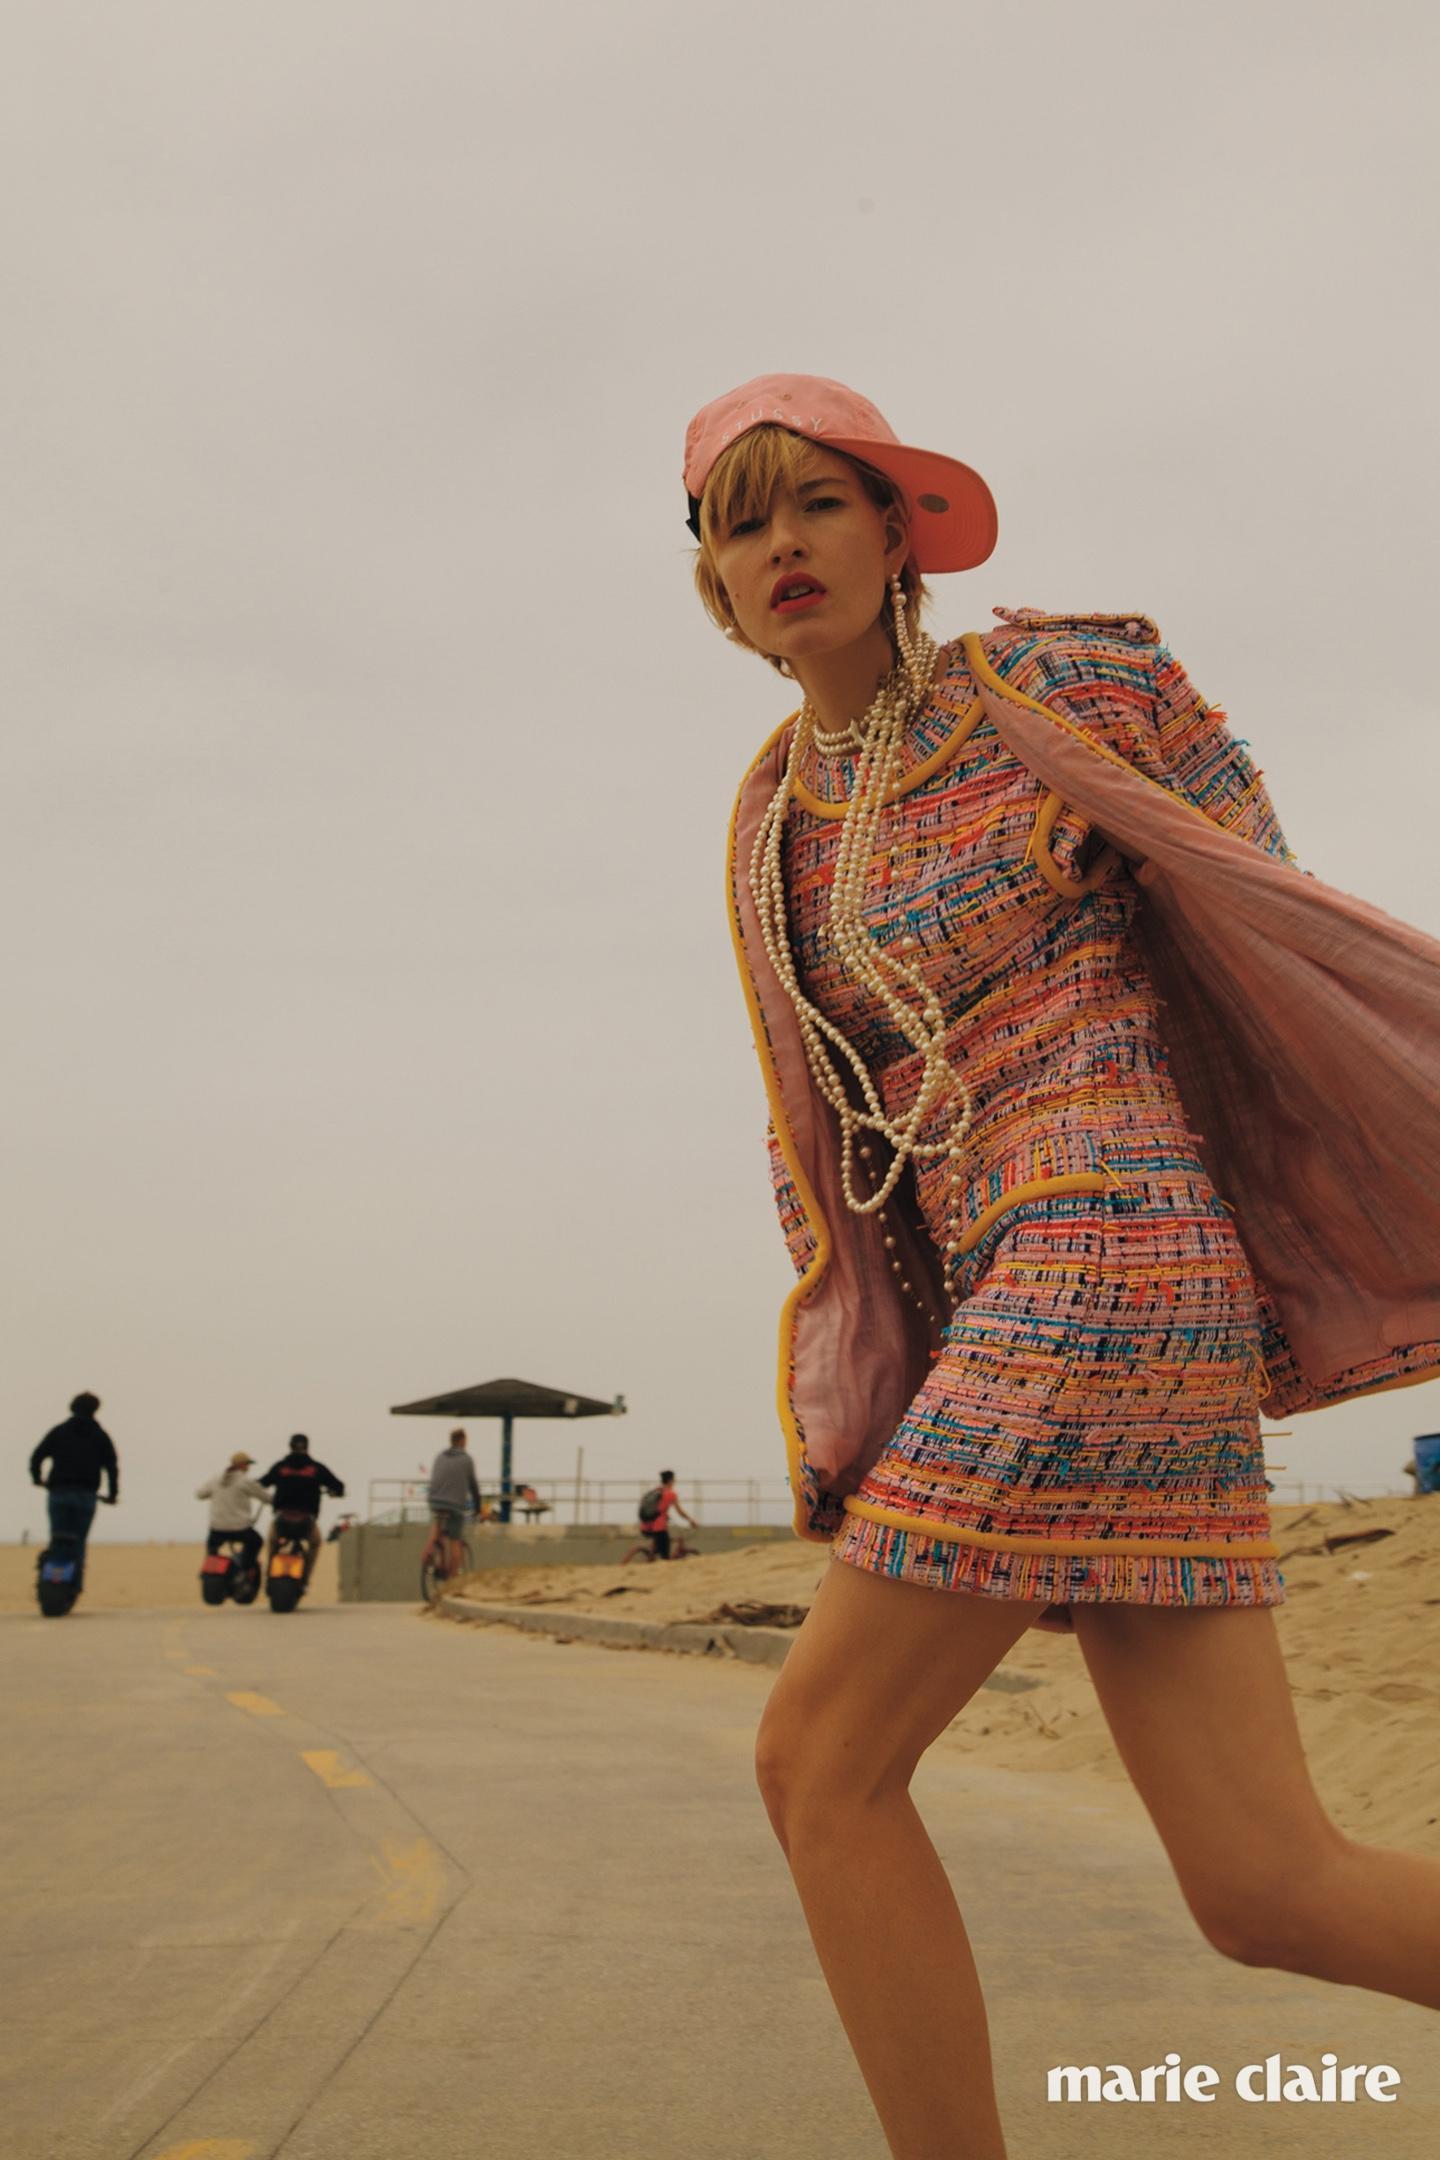 트위드 재킷과 트위드 드레스, 진주 초커와 목걸이 모두 샤넬(Chanel),오른쪽 귀의 진주 이어링 바우터스 앤 헨드릭스(Wouters & Hendrix),왼쪽 귀의 진주 이어링 사리나 수리아노(Sarina Suriano), 폴리에스테르 캡 스투시(Stussy).